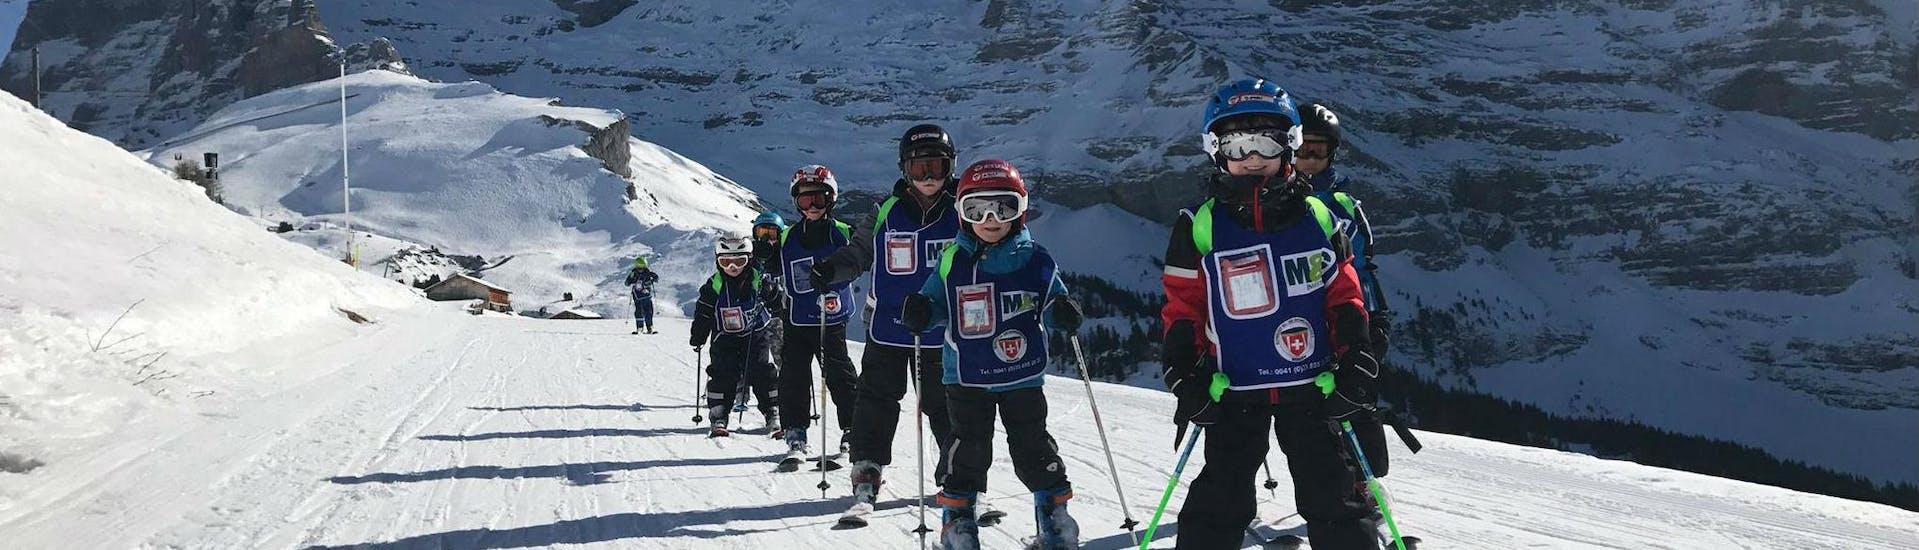 Kids Ski Lessons (from 3 y.) for Advanced Skiers met Schweizer Ski- und Snowboardschule Wengen - Hero image